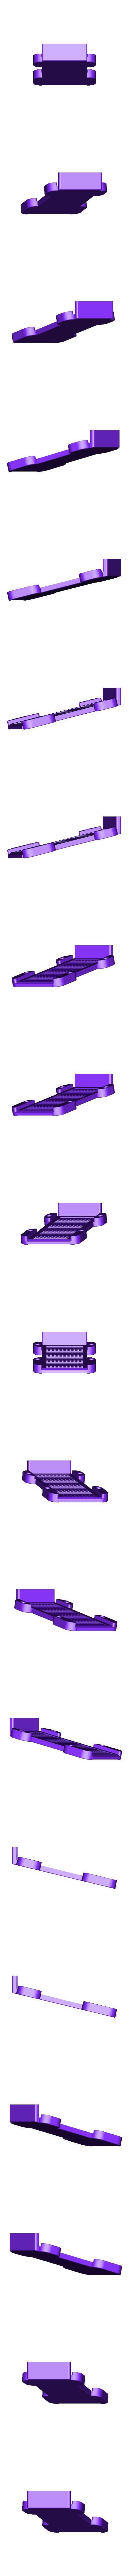 MILLENNIUM-FAUCON-RAMPE.STL Télécharger fichier STL FAUCON MILLENNIUM • Design imprimable en 3D, PLP